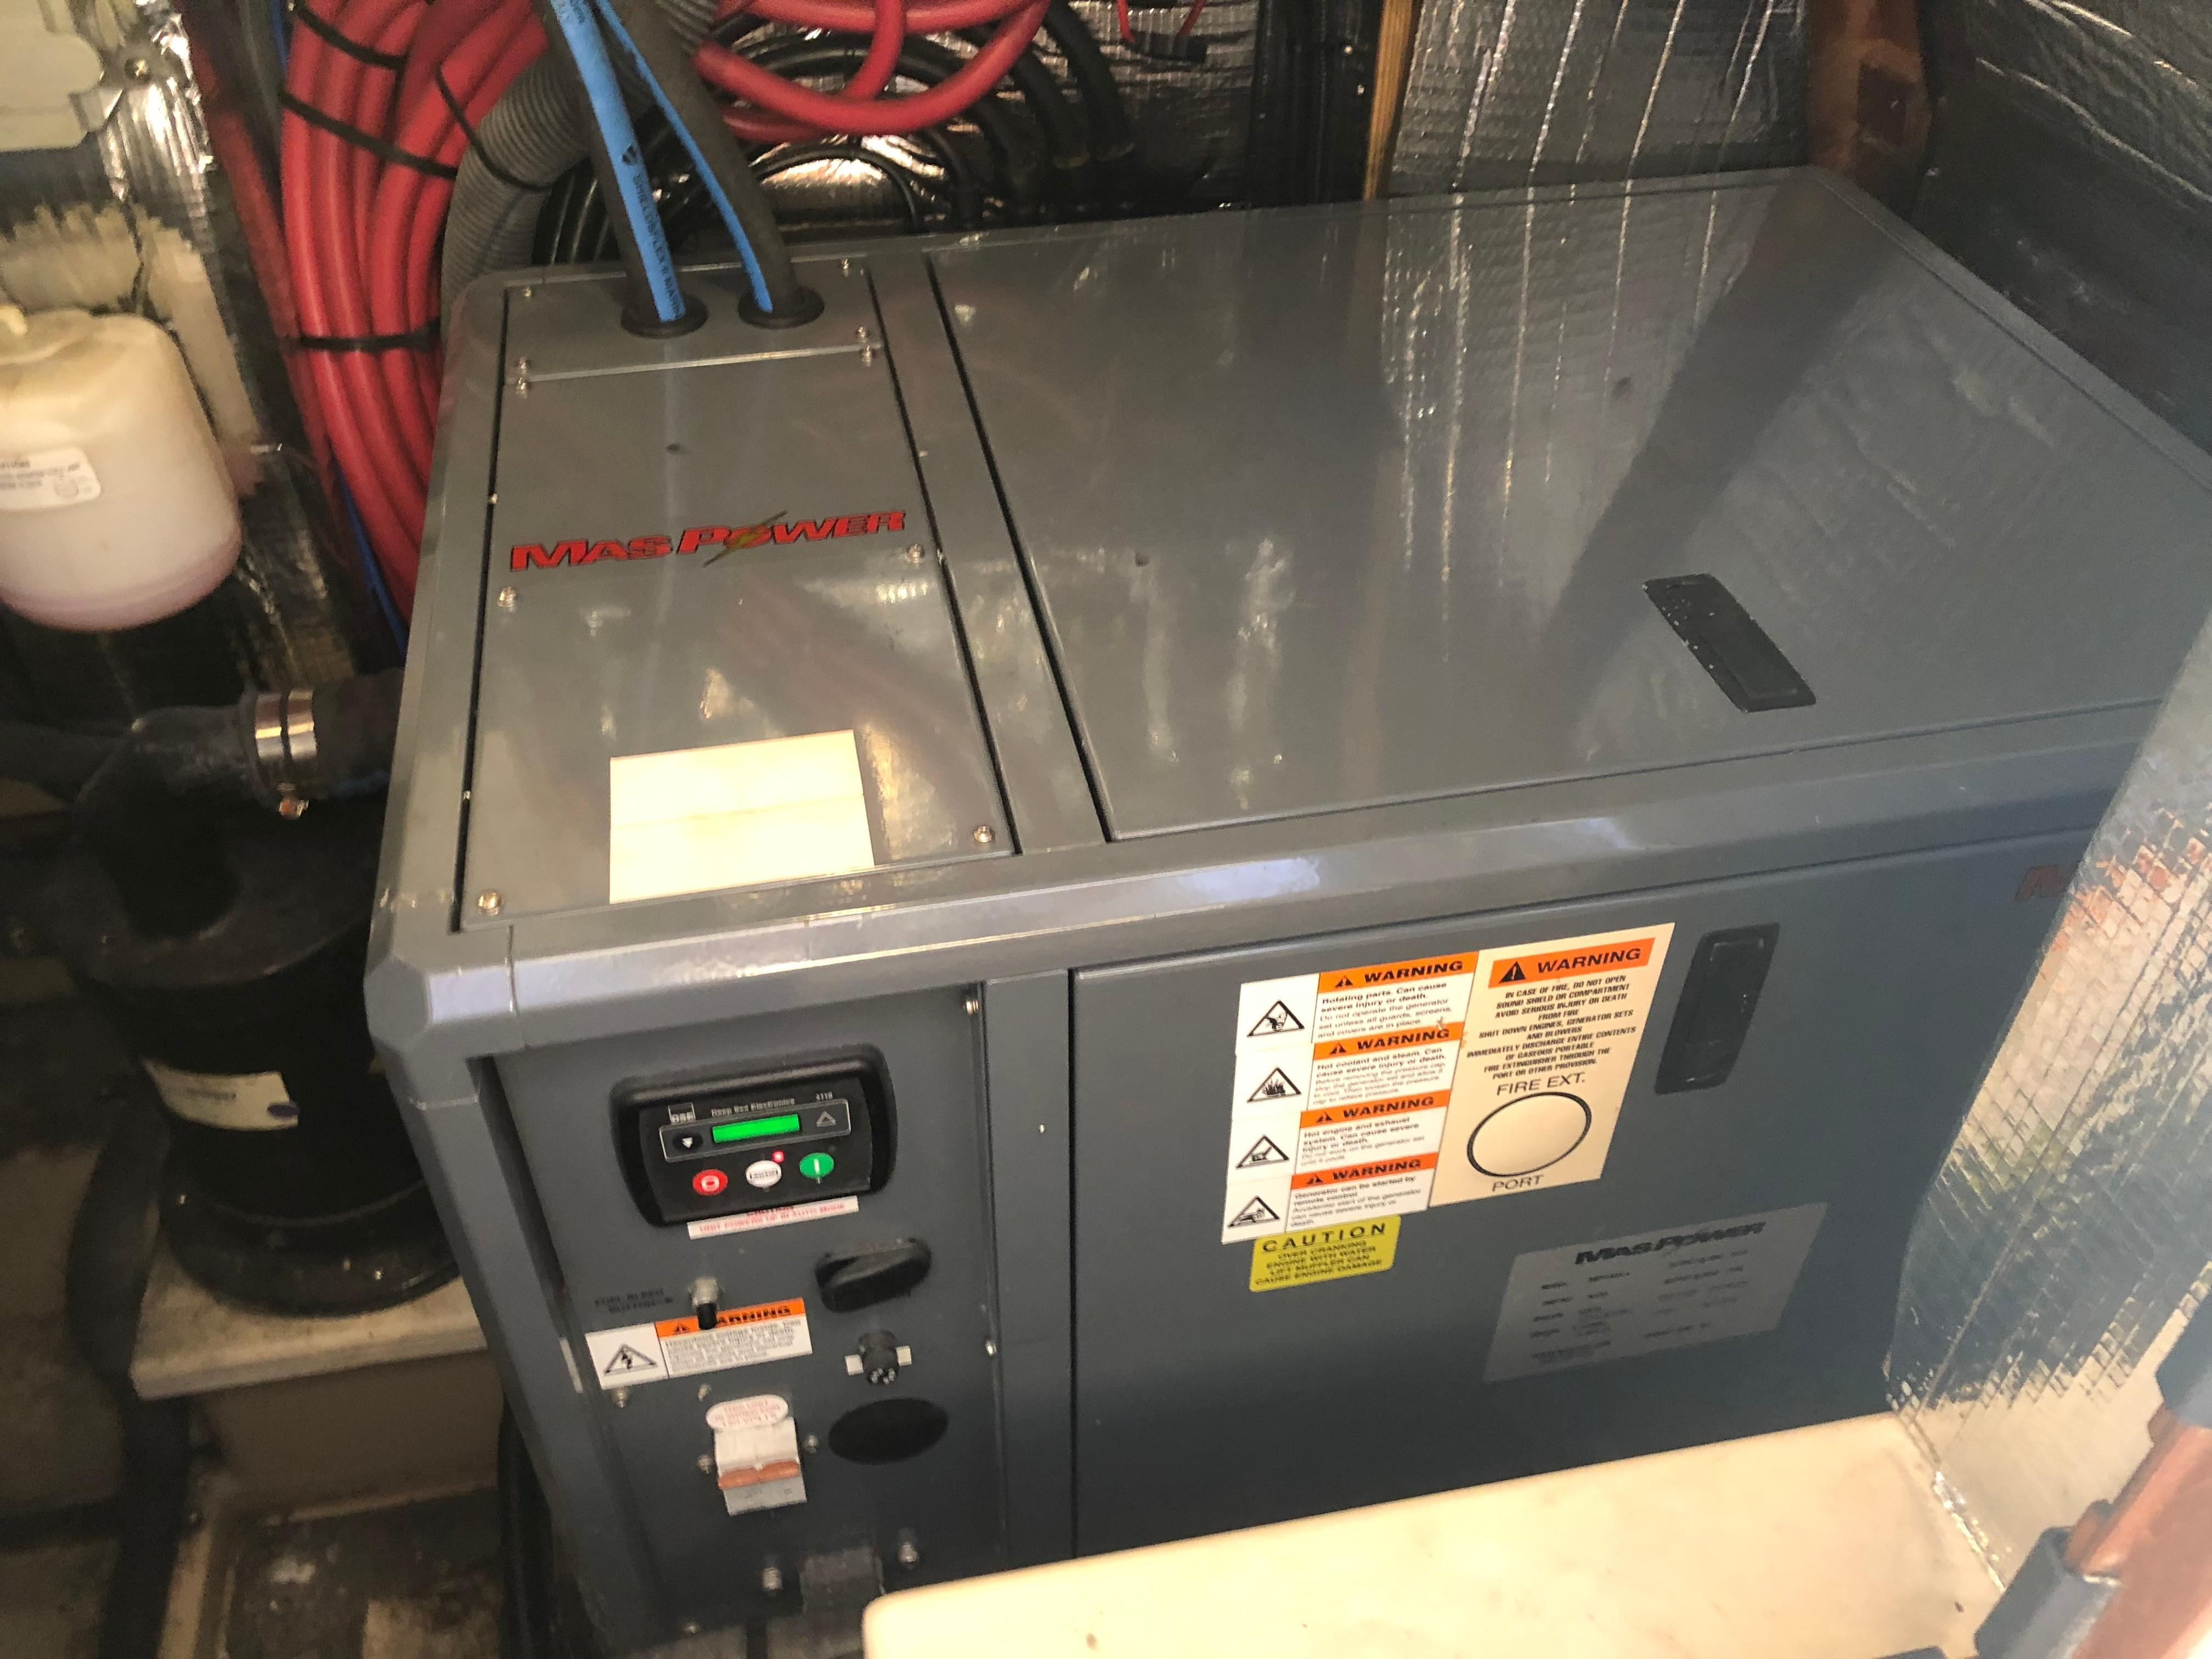 MasPower generator